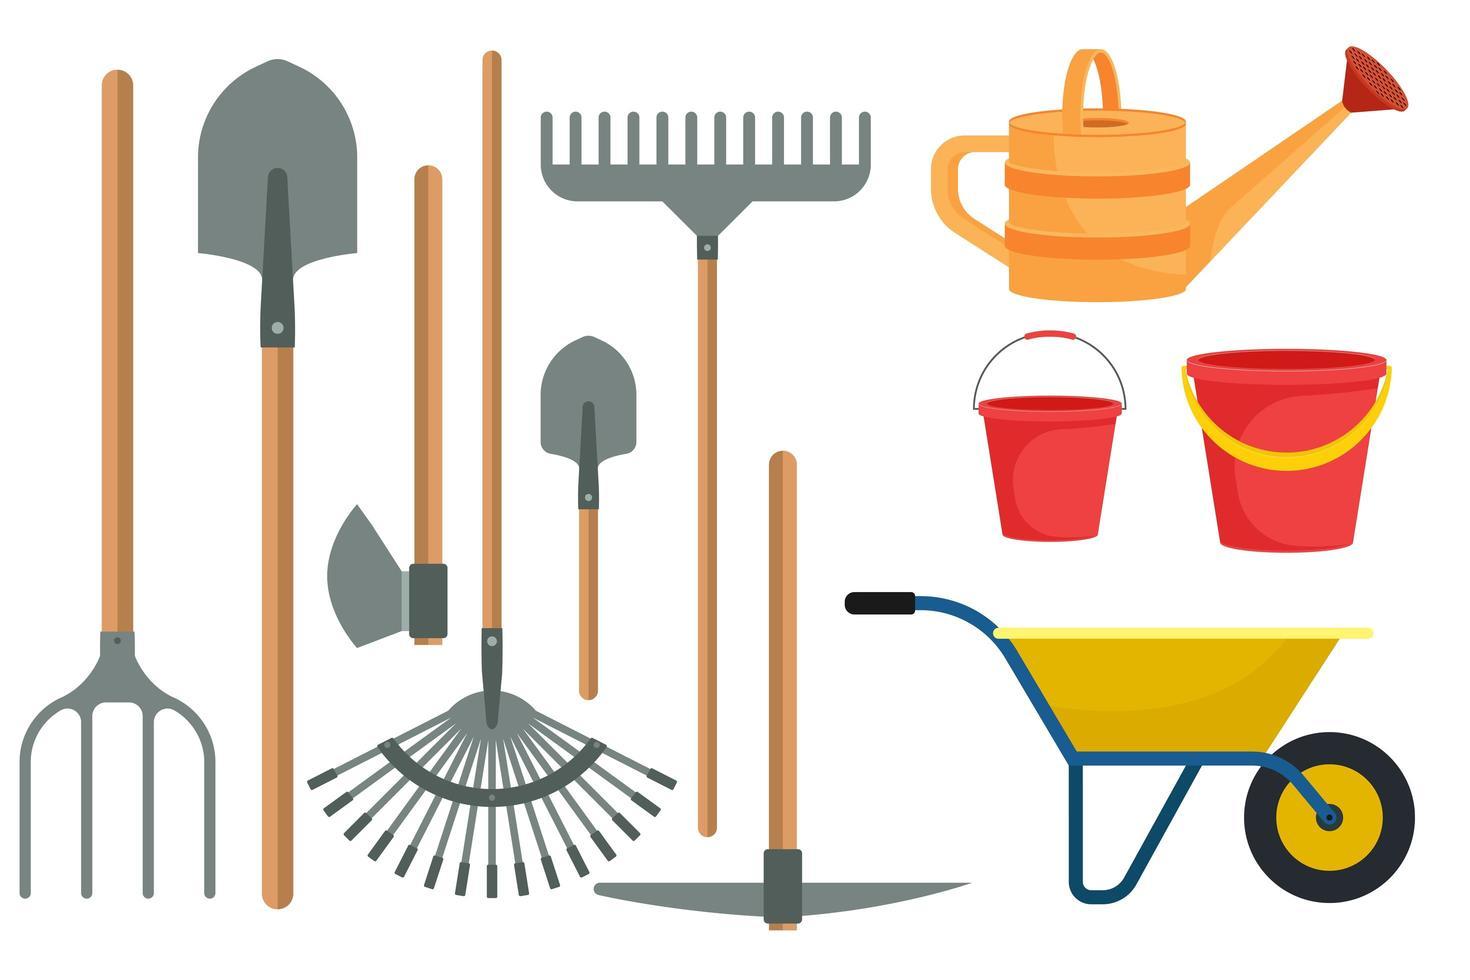 ferramentas de jardinagem definidas em design plano isolado vetor